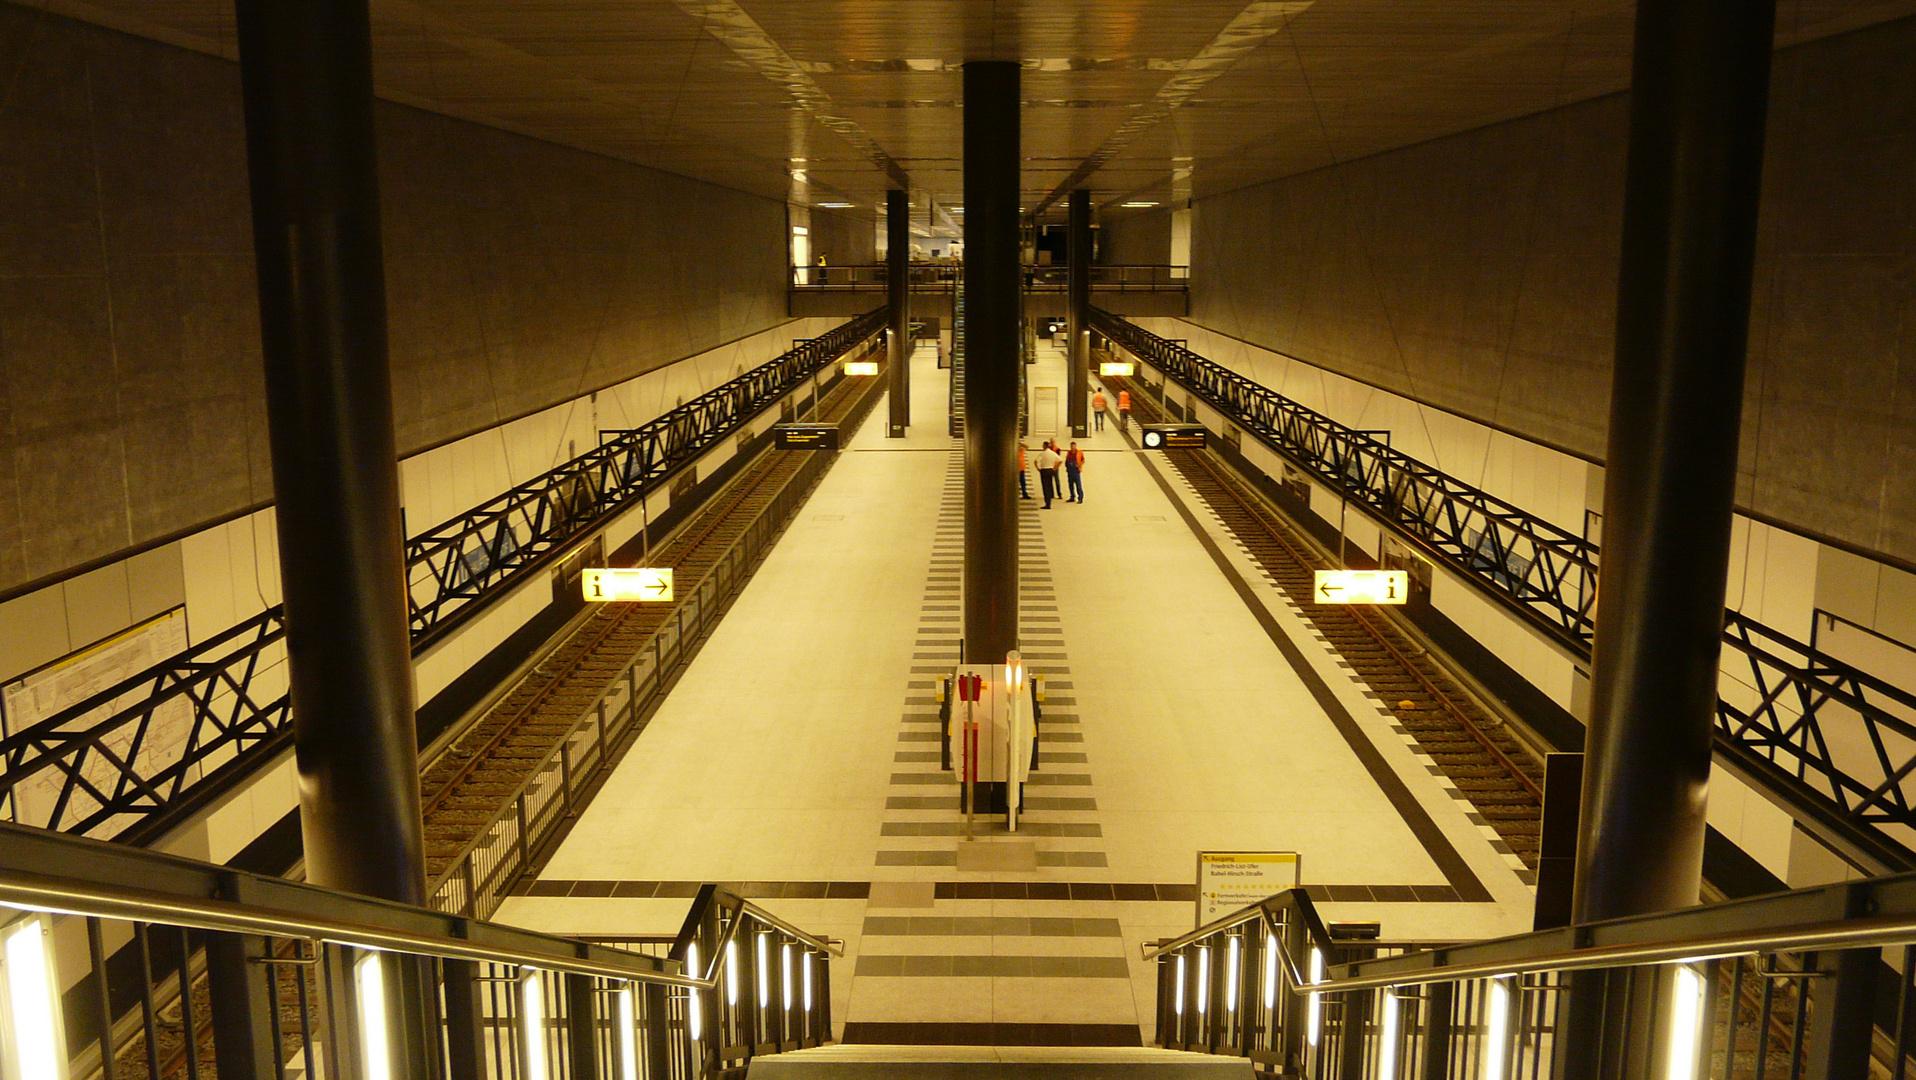 Eröffnung des neuen U-Bahnhofs im Berliner  Hauptbahnhof